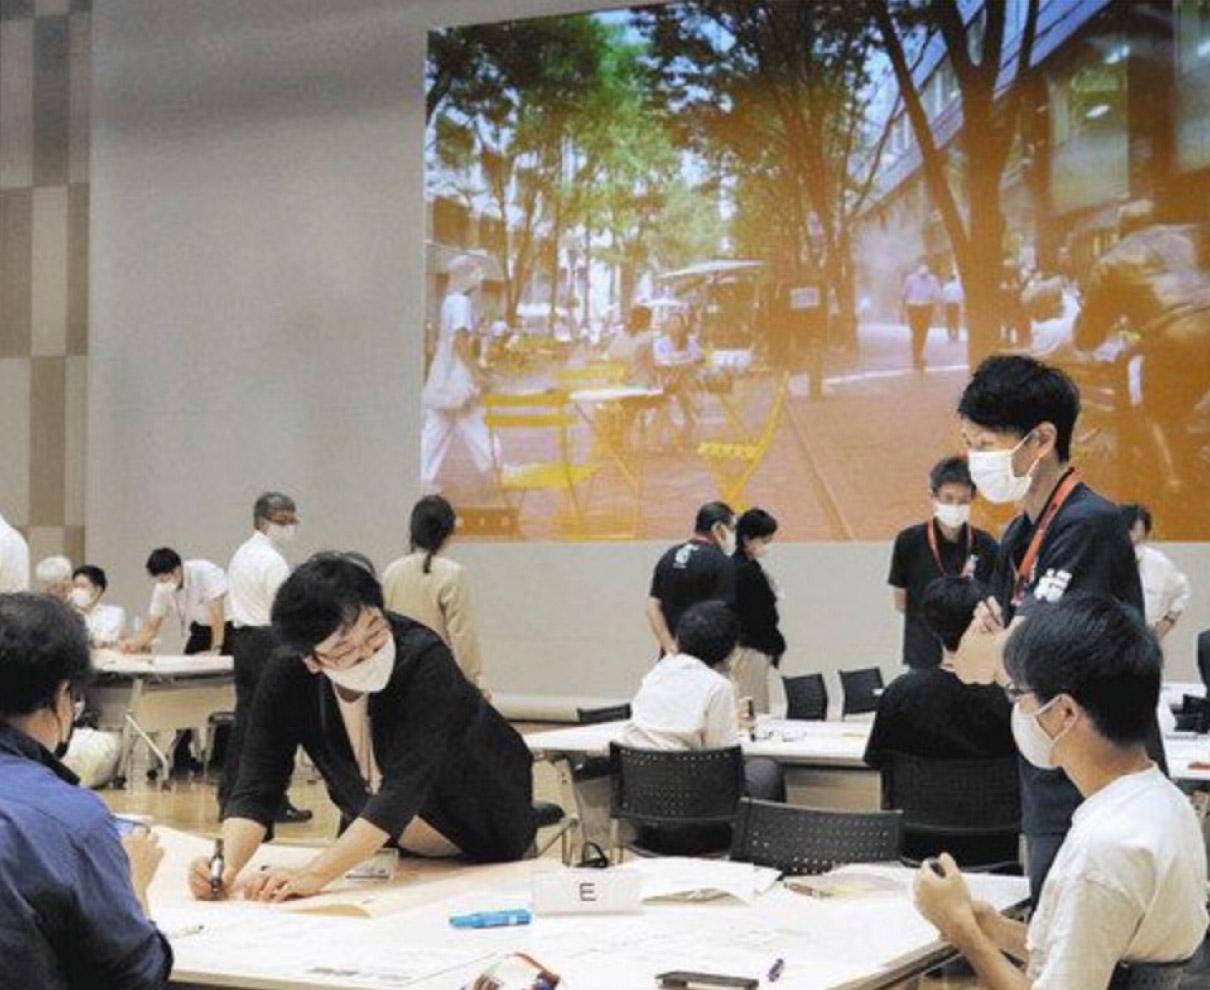 朝、昼、夜に飲食空間 福井市、来月「ほこみち」 社会実験